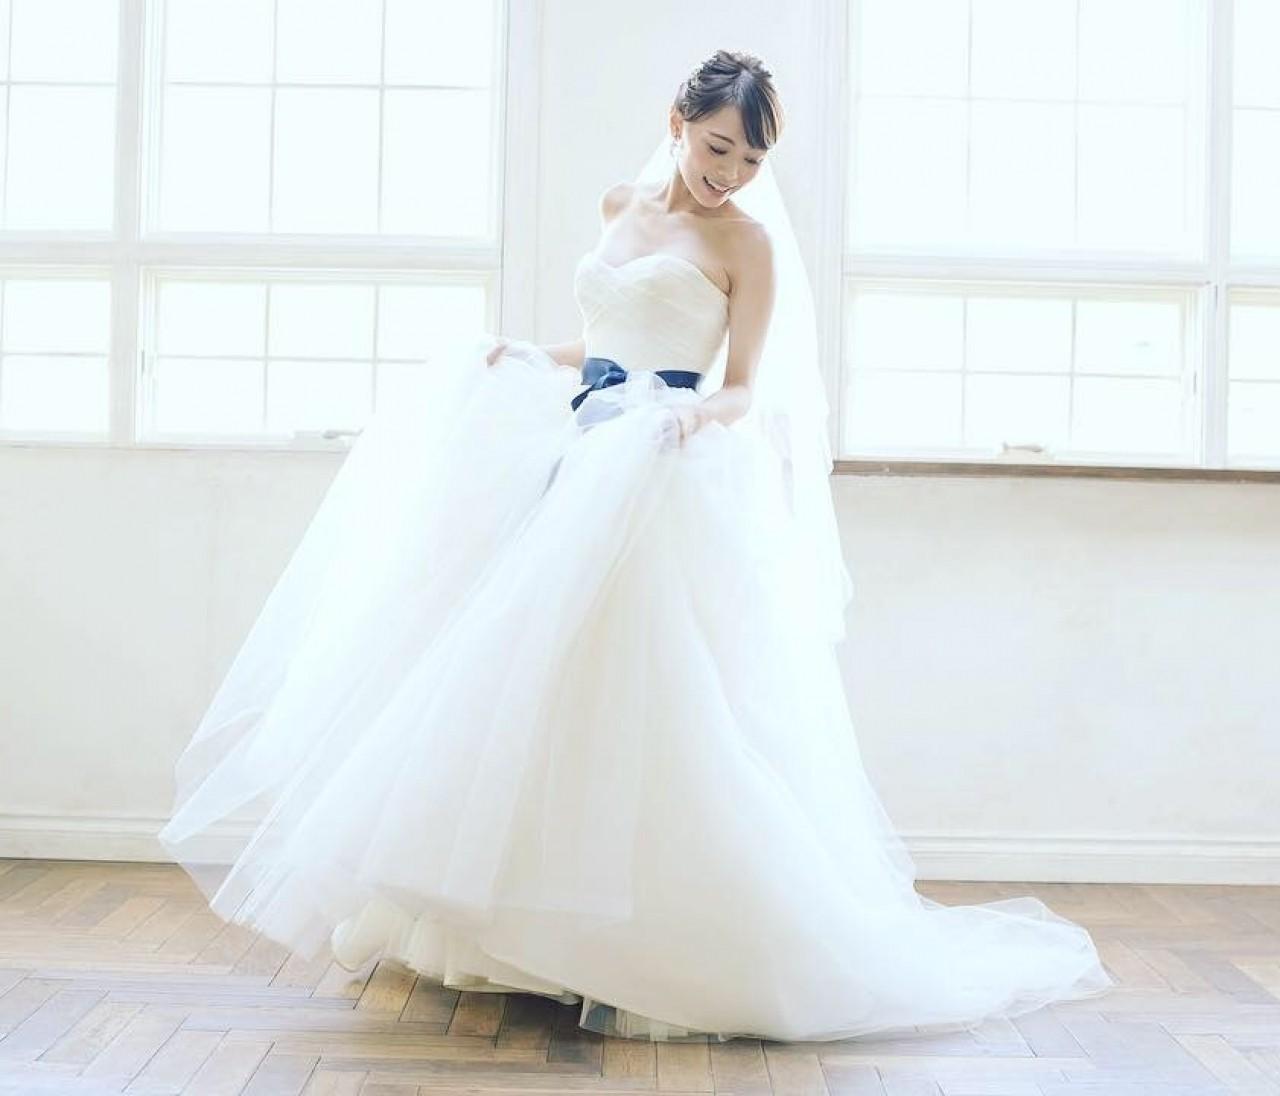 【私の婚BAILA】理想のドレスに出会うために私がしたこと